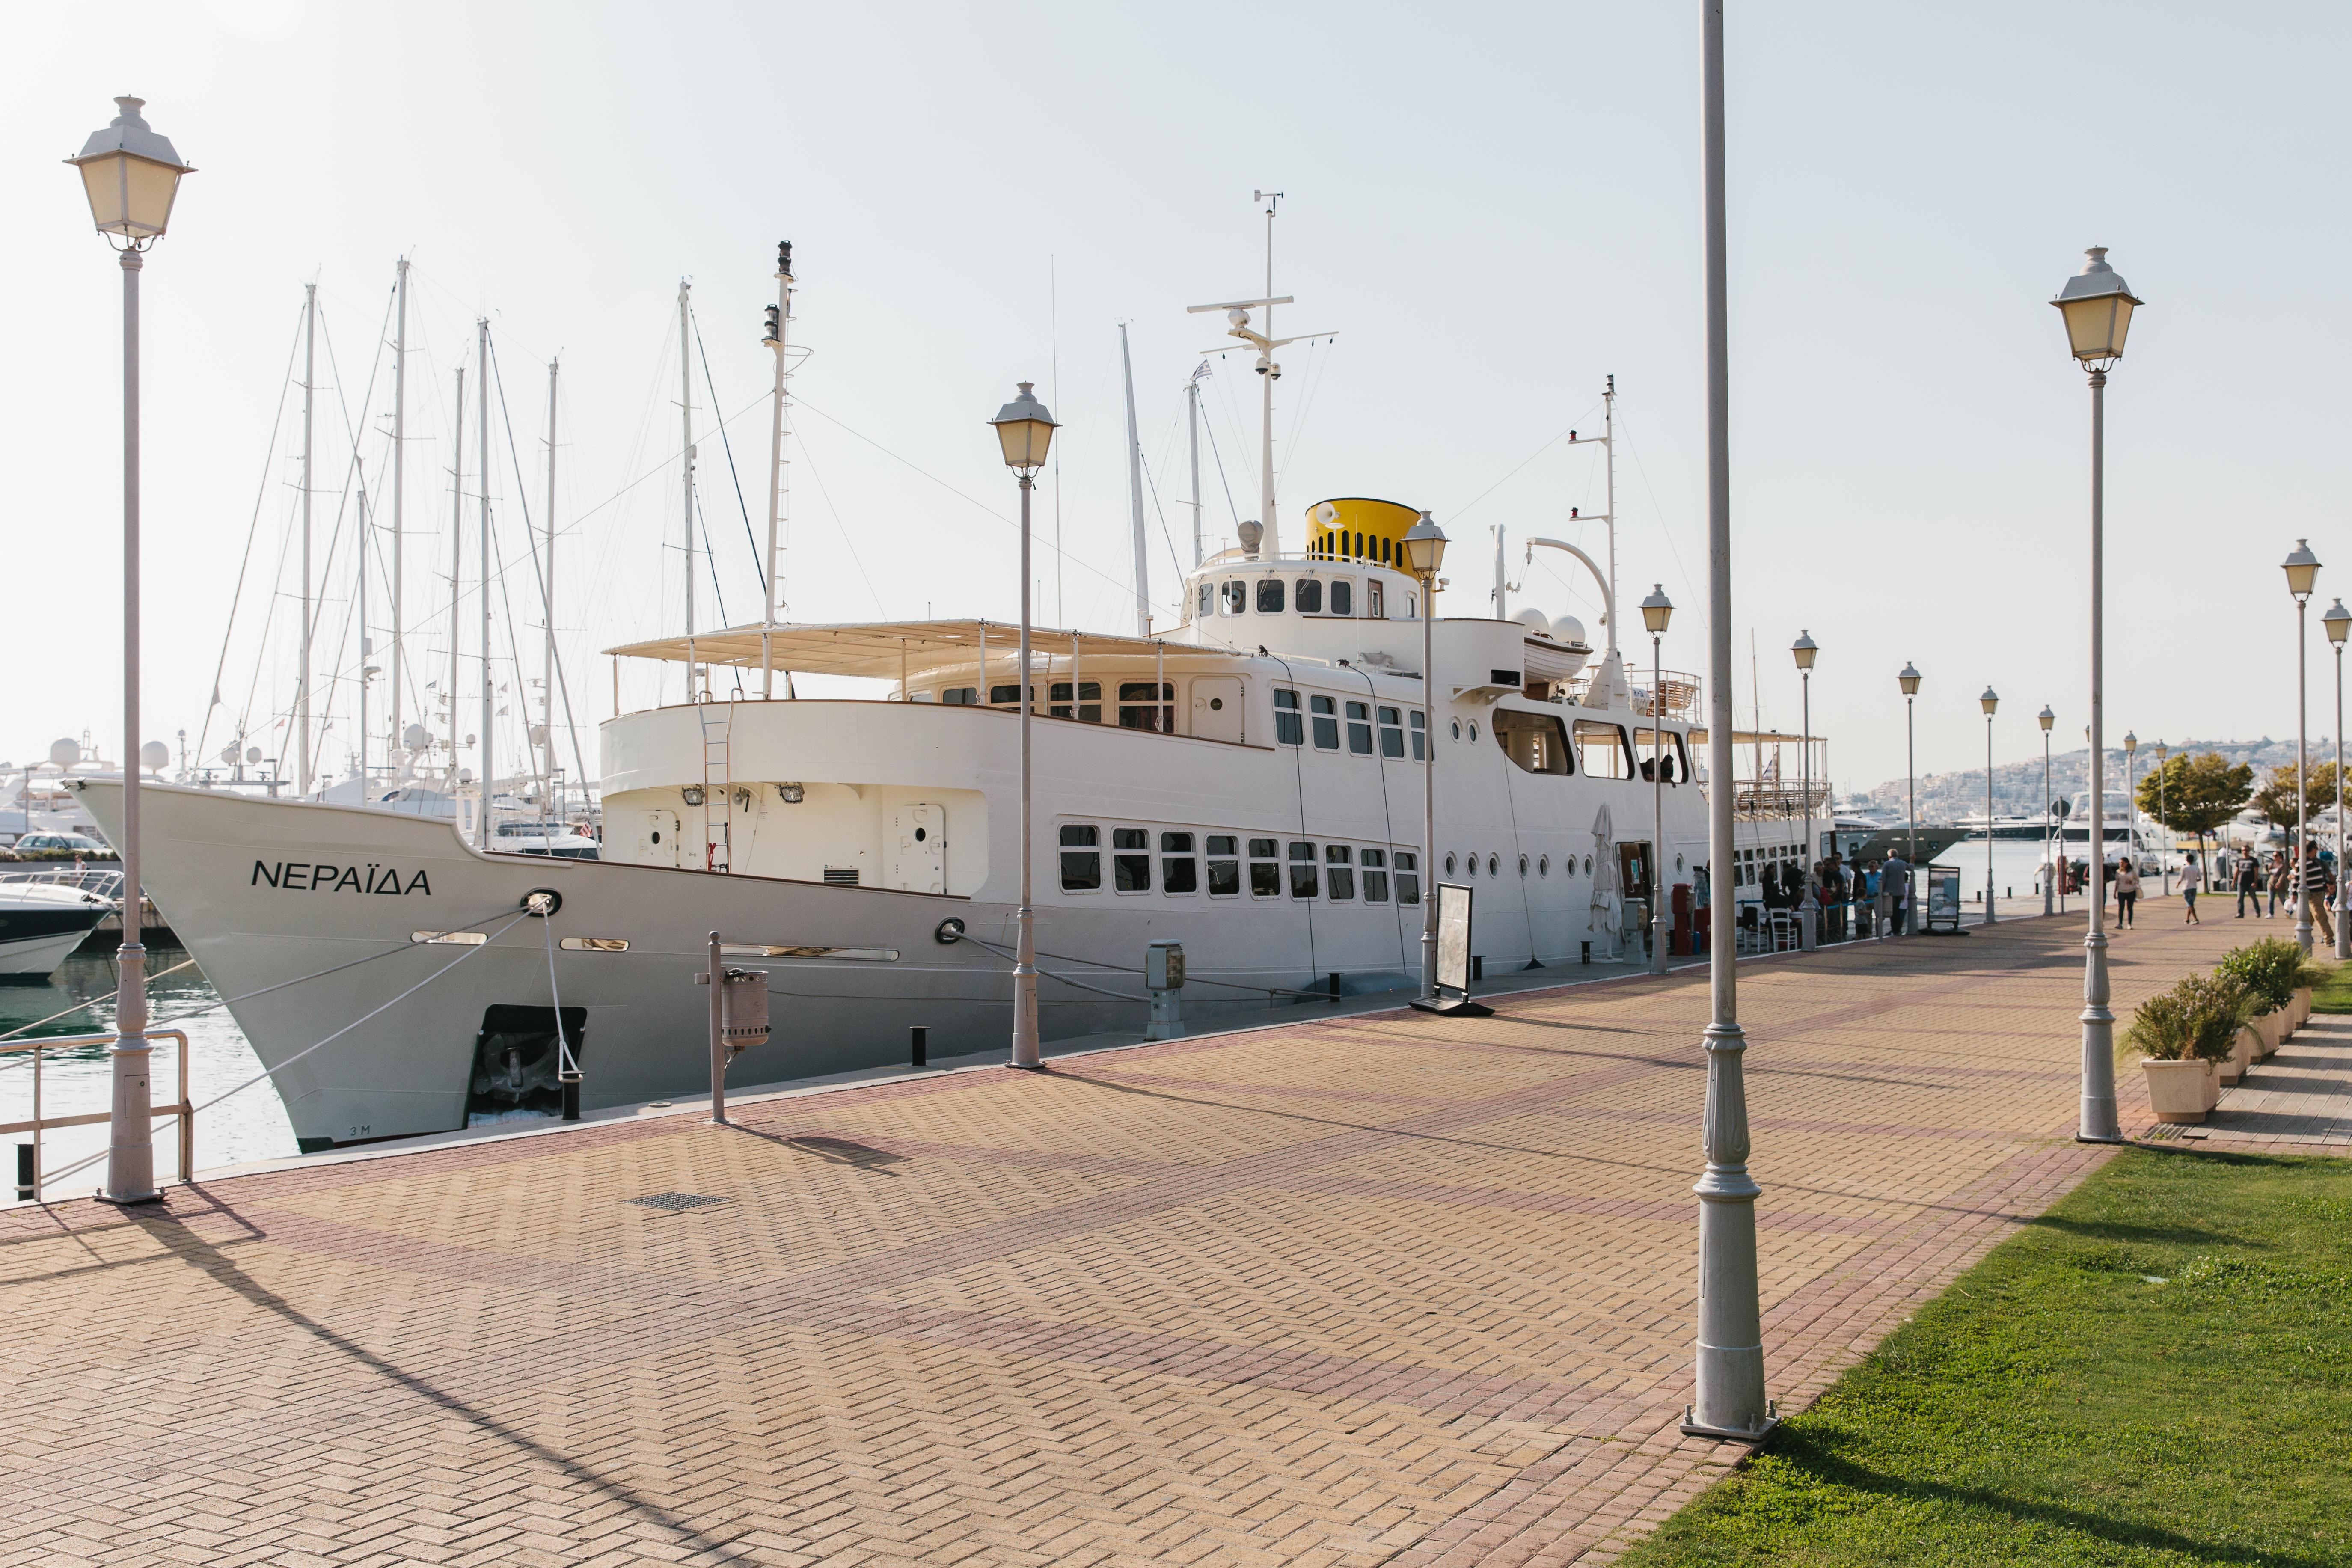 Το Πλωτό Μουσείο Νεράιδα (Φωτο: Π. Ταβιτιάν)